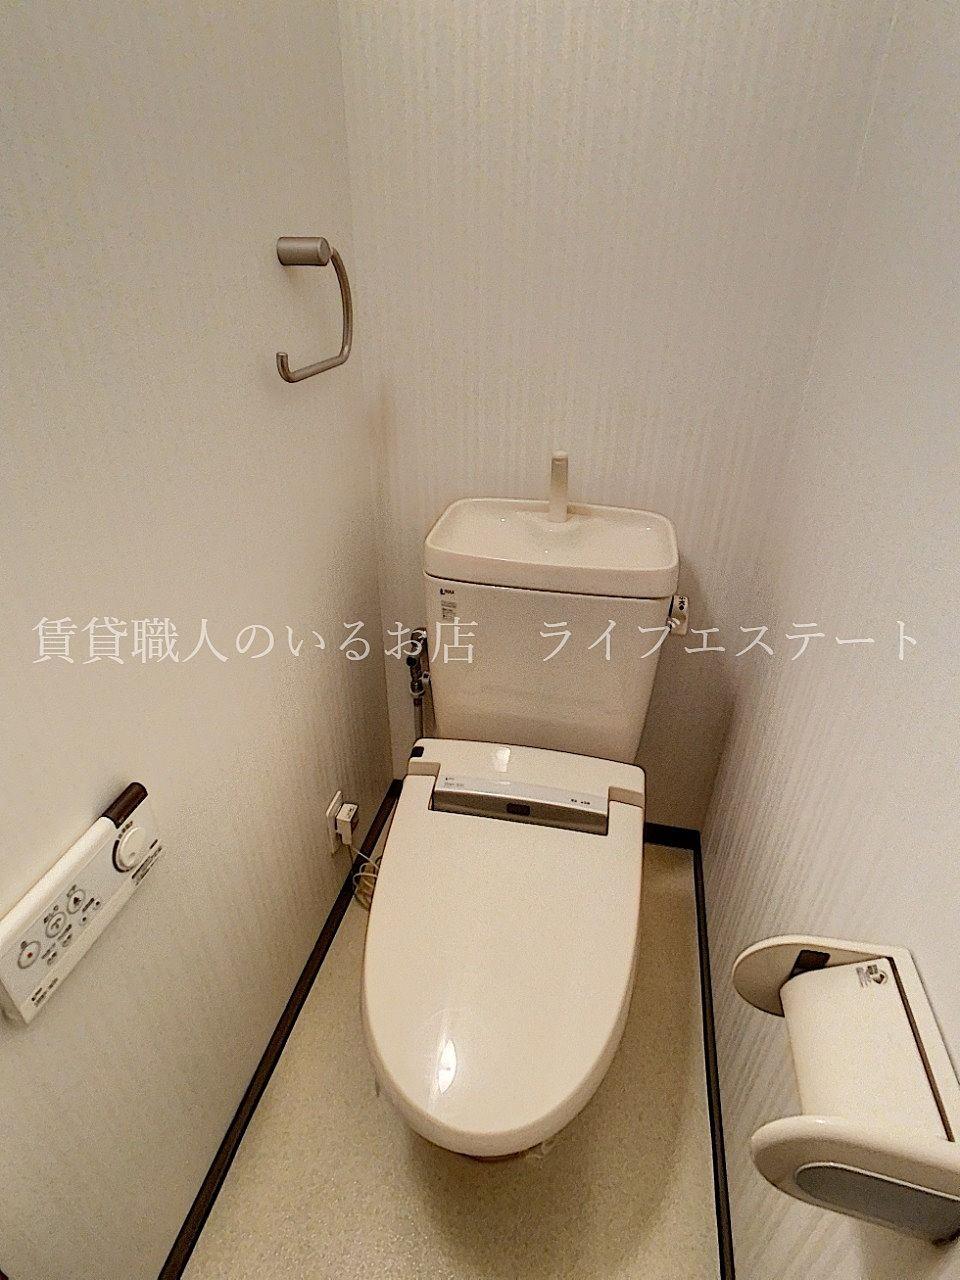 便座横がすっきりしているので、トイレの奥の方までお掃除しやすい